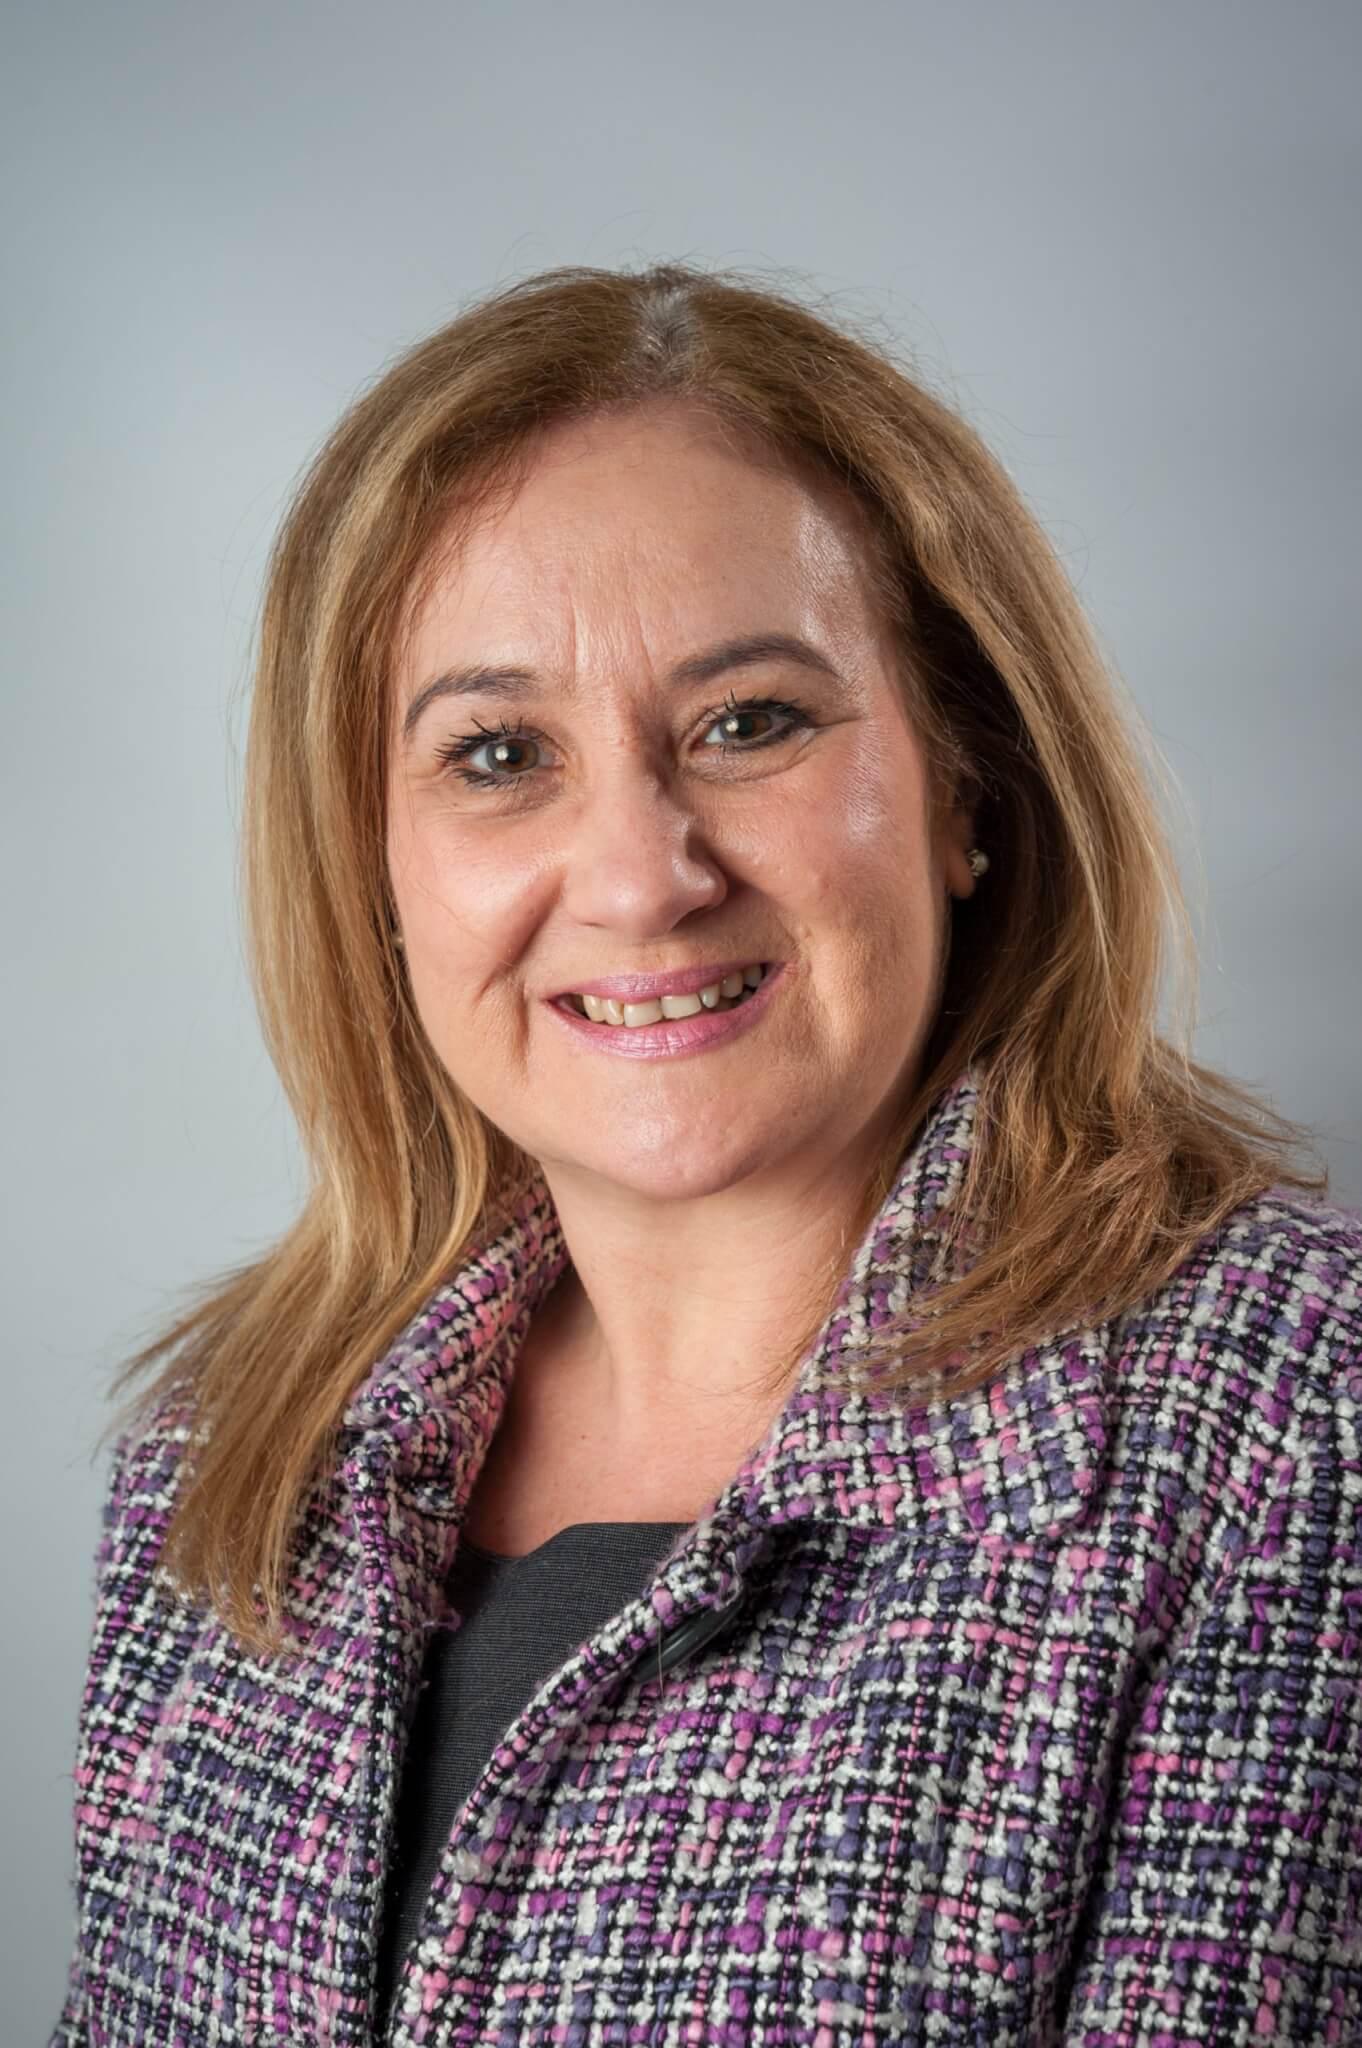 Maria Willis